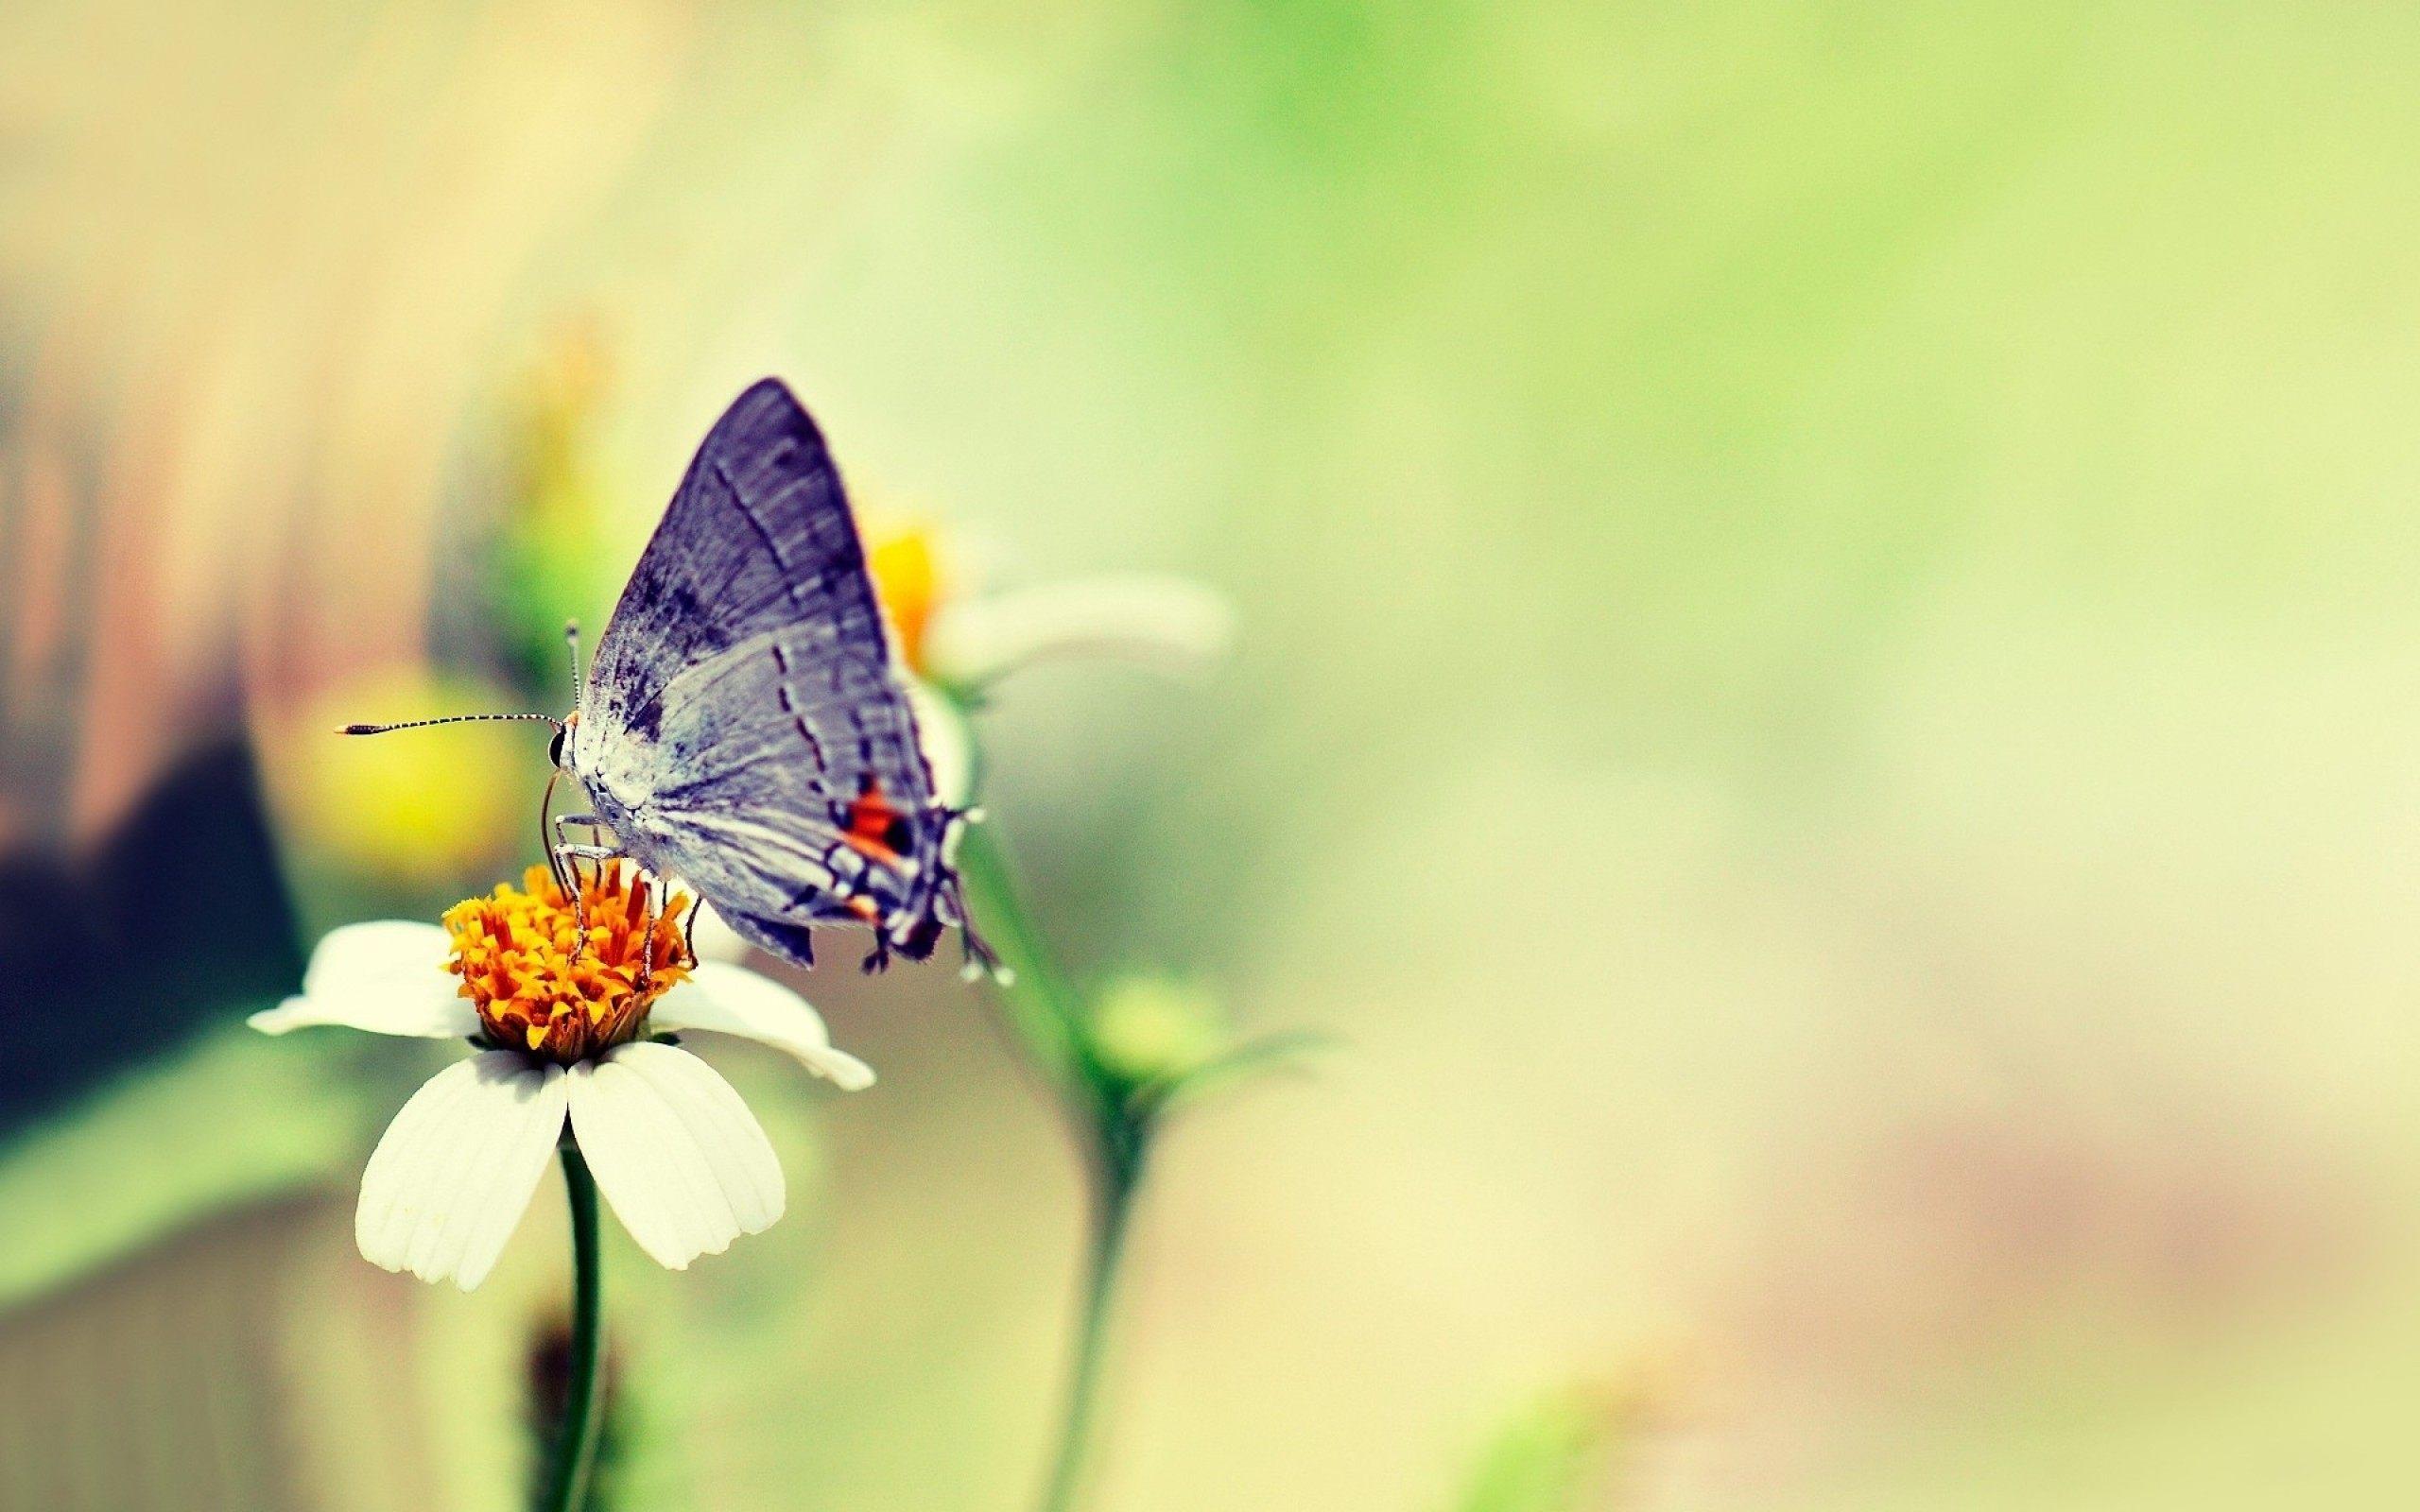 Butterfly-On-Flower-Wallpaper.